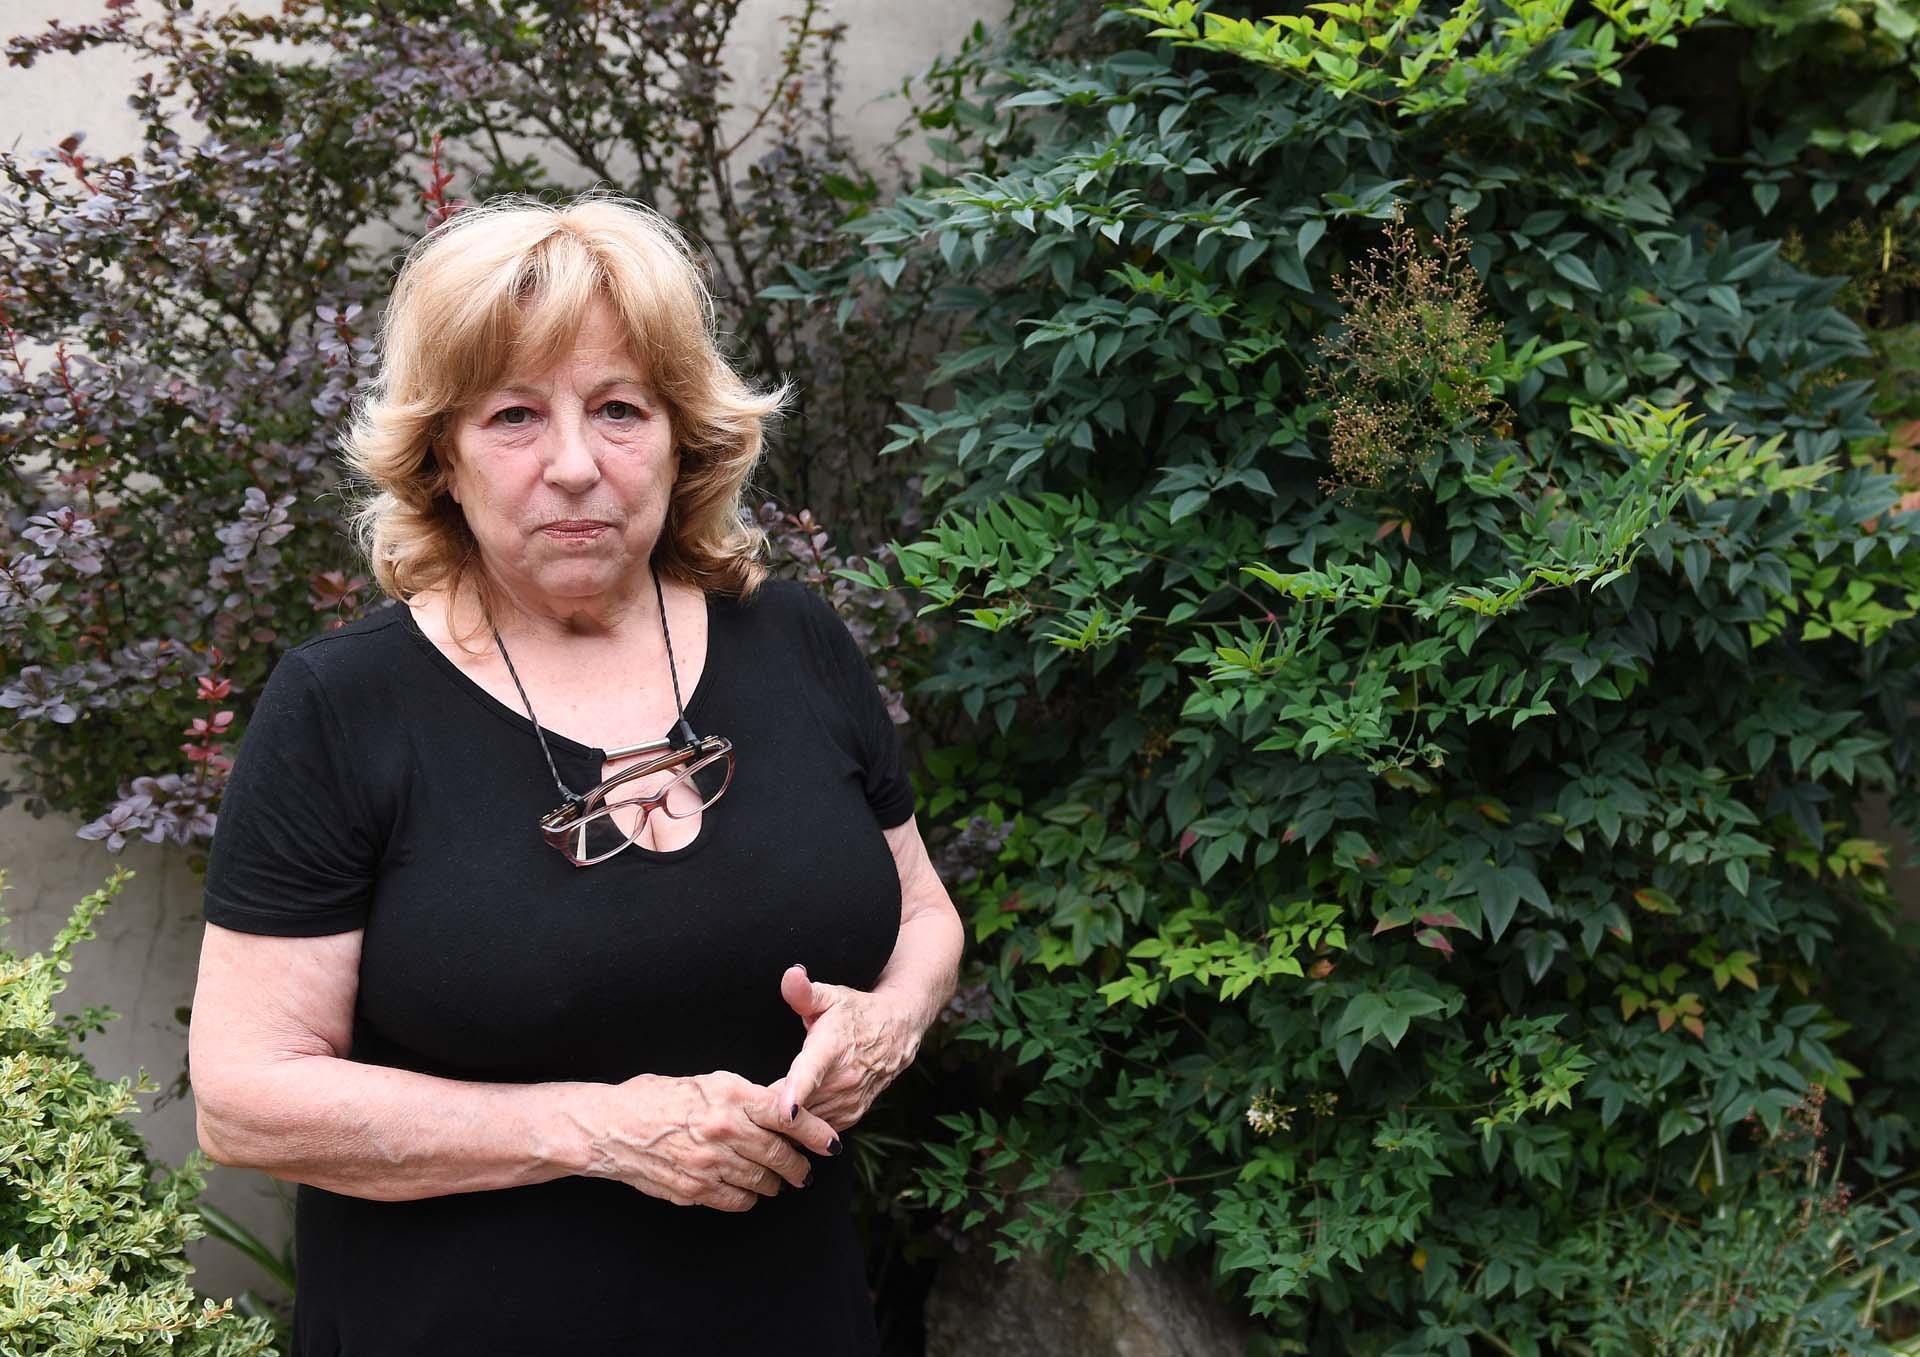 Norma López Rega, retratada por Infobae (Maximiliano Luna)